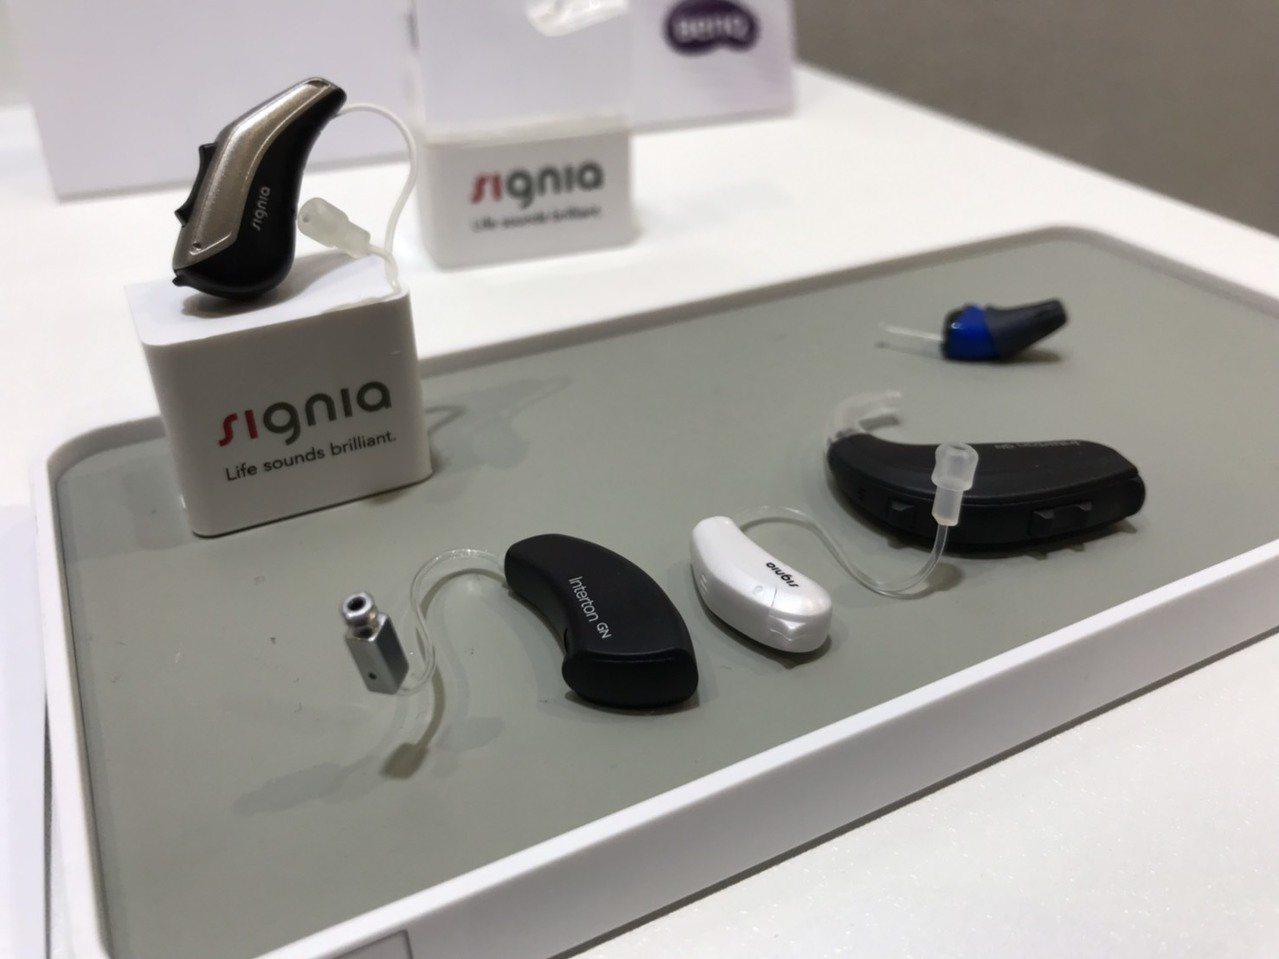 虹韻助聽器展出助聽器相關產品。記者蔡銘仁/攝影